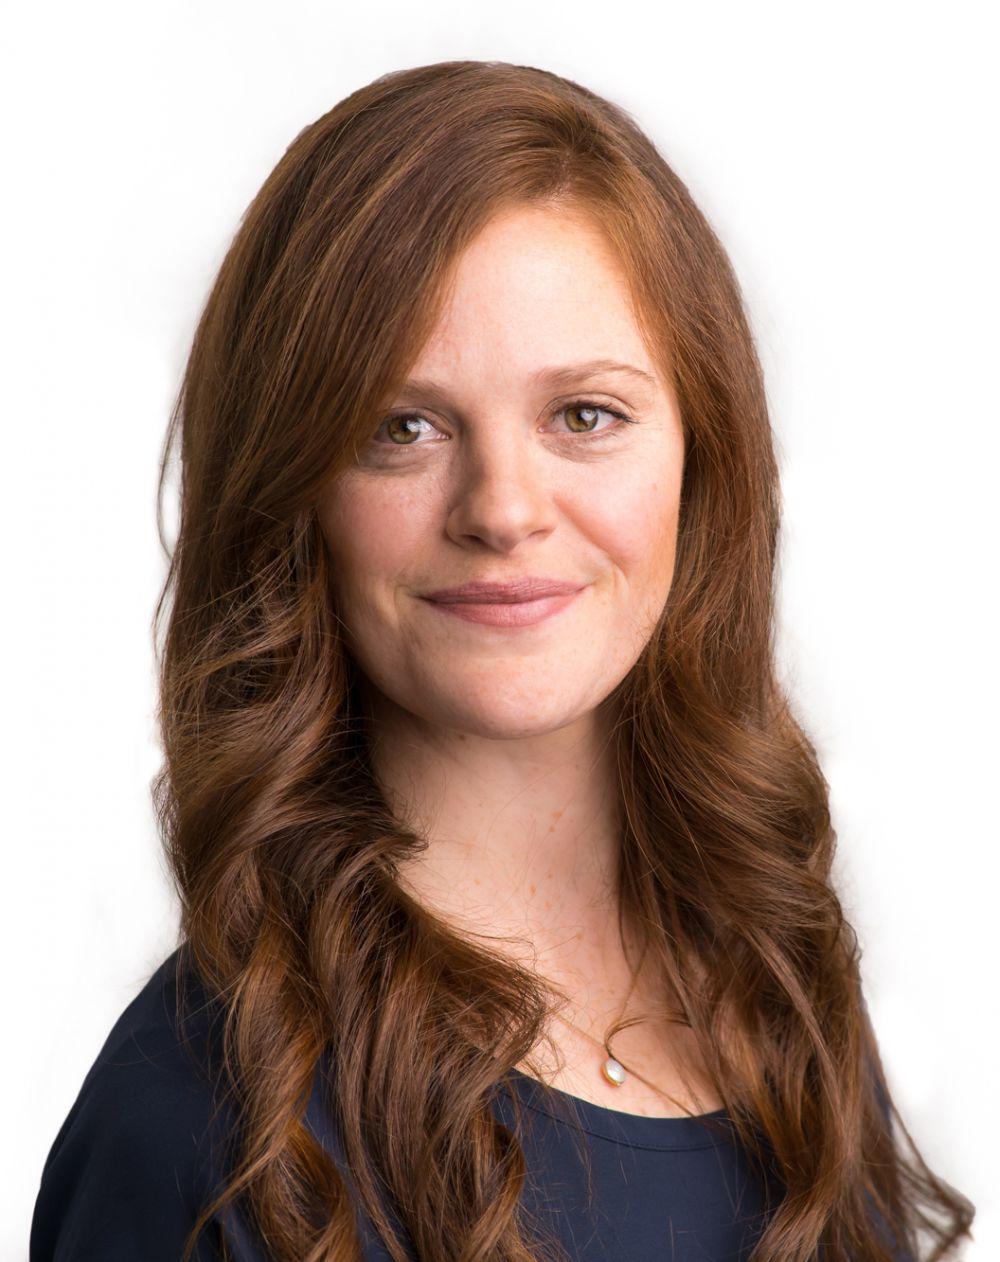 Alia Glidden